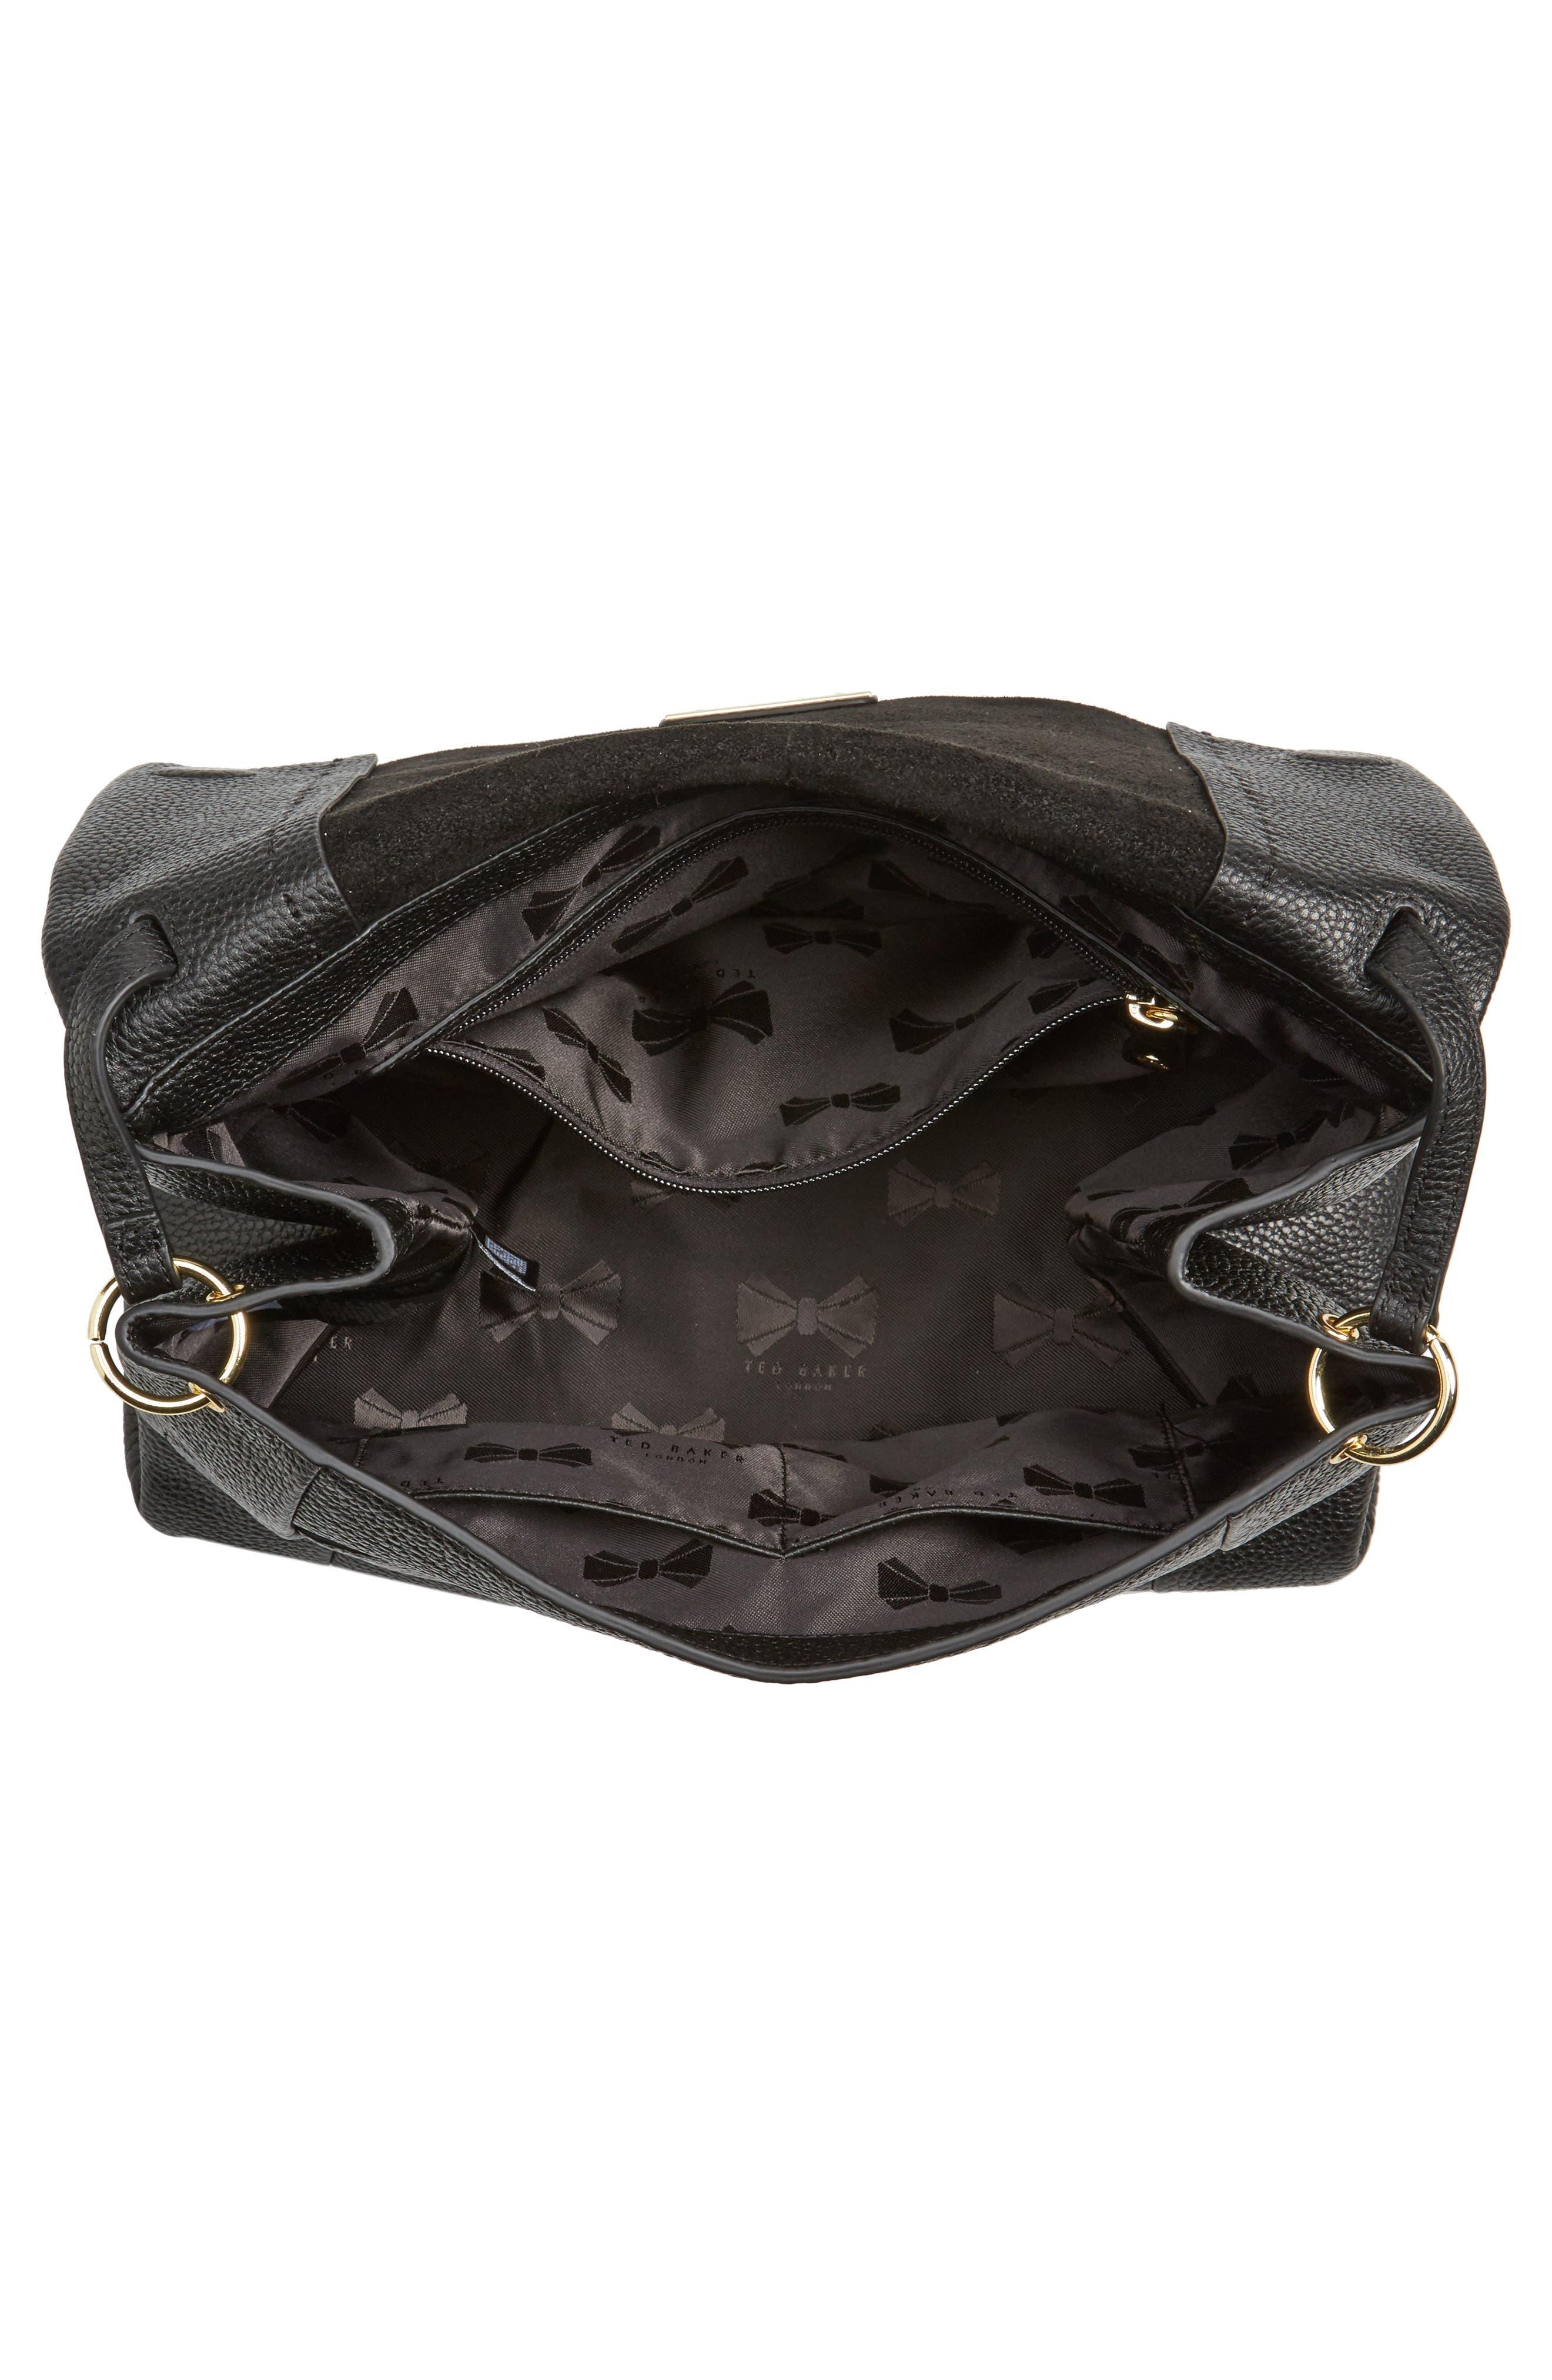 Proter Leather Shoulder Bag,                             Alternate thumbnail 4, color,                             001